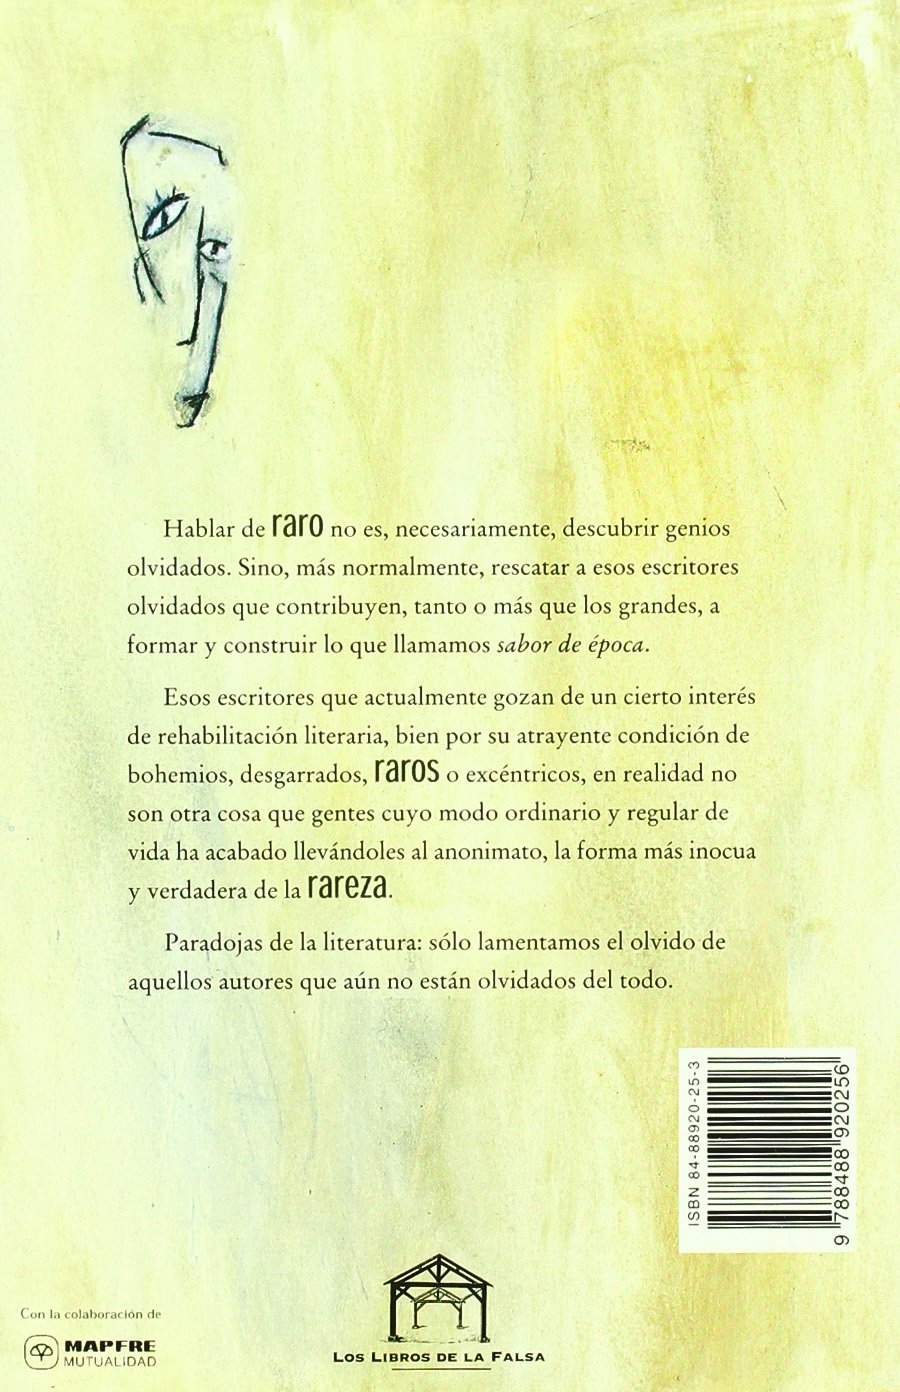 Oscura turba : de los más raros escritores españoles: 9788488920256: Amazon.com: Books